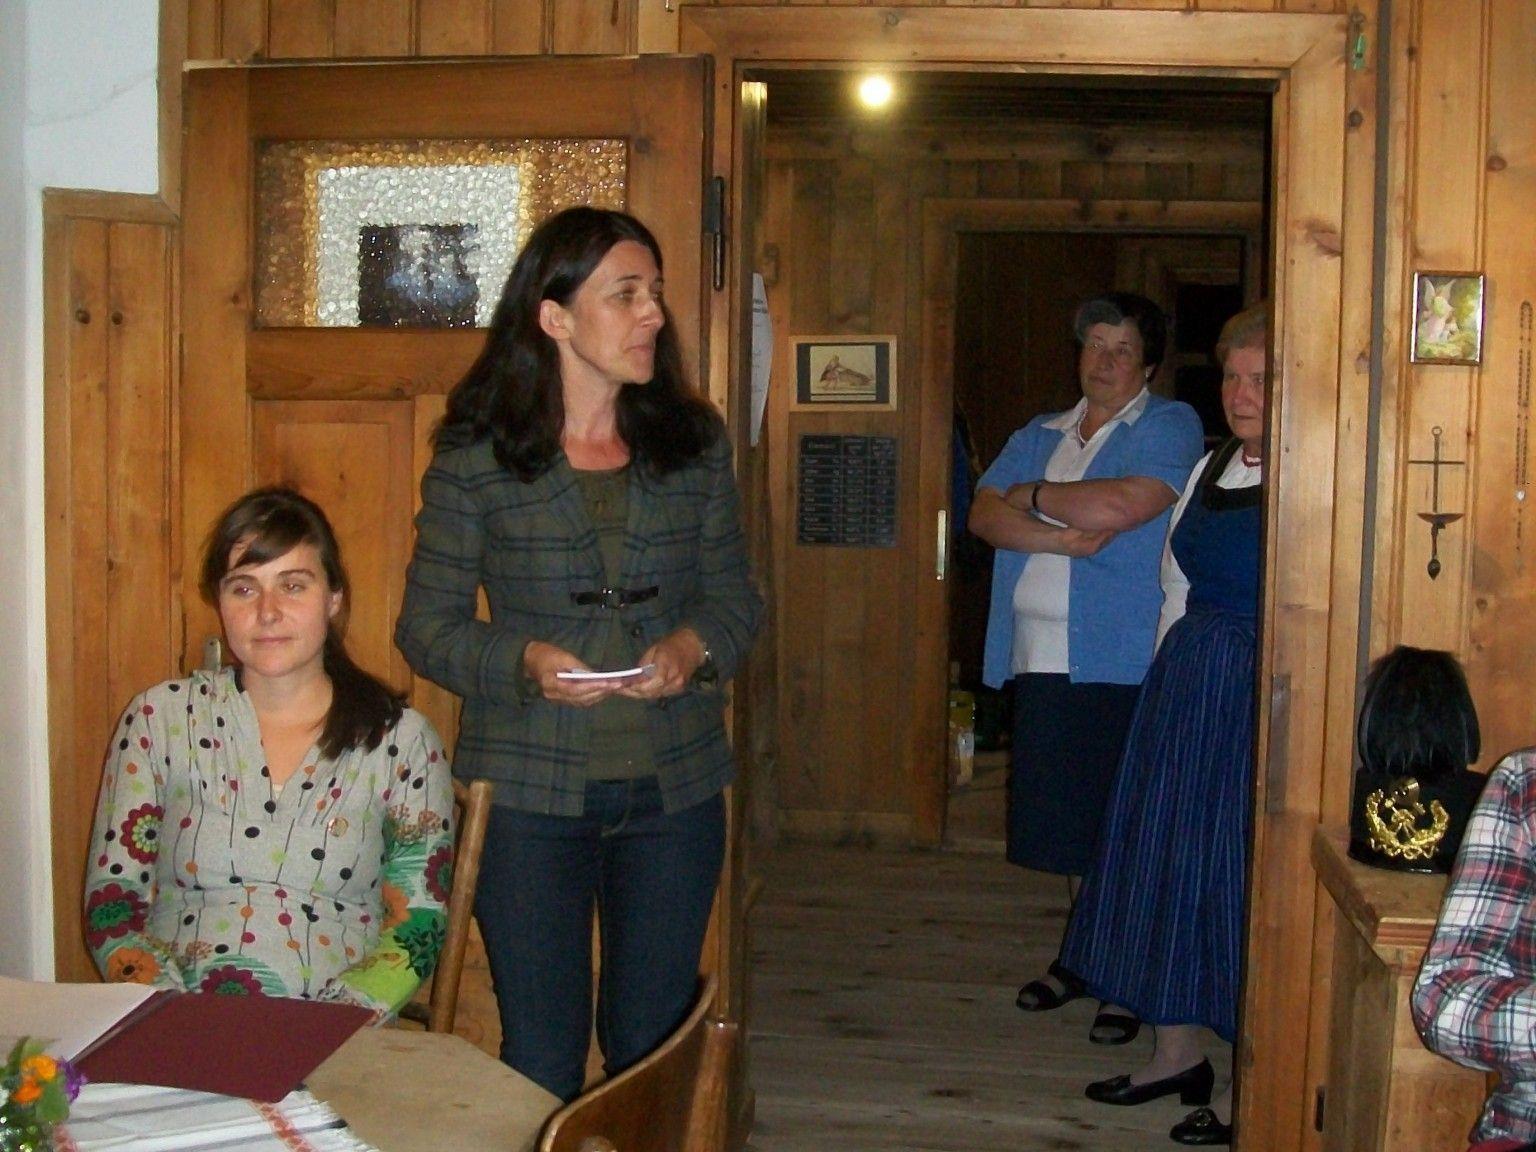 Karin Valasek begrüßte die Besucher und eröffnete die Lesung von Monika Valentin.